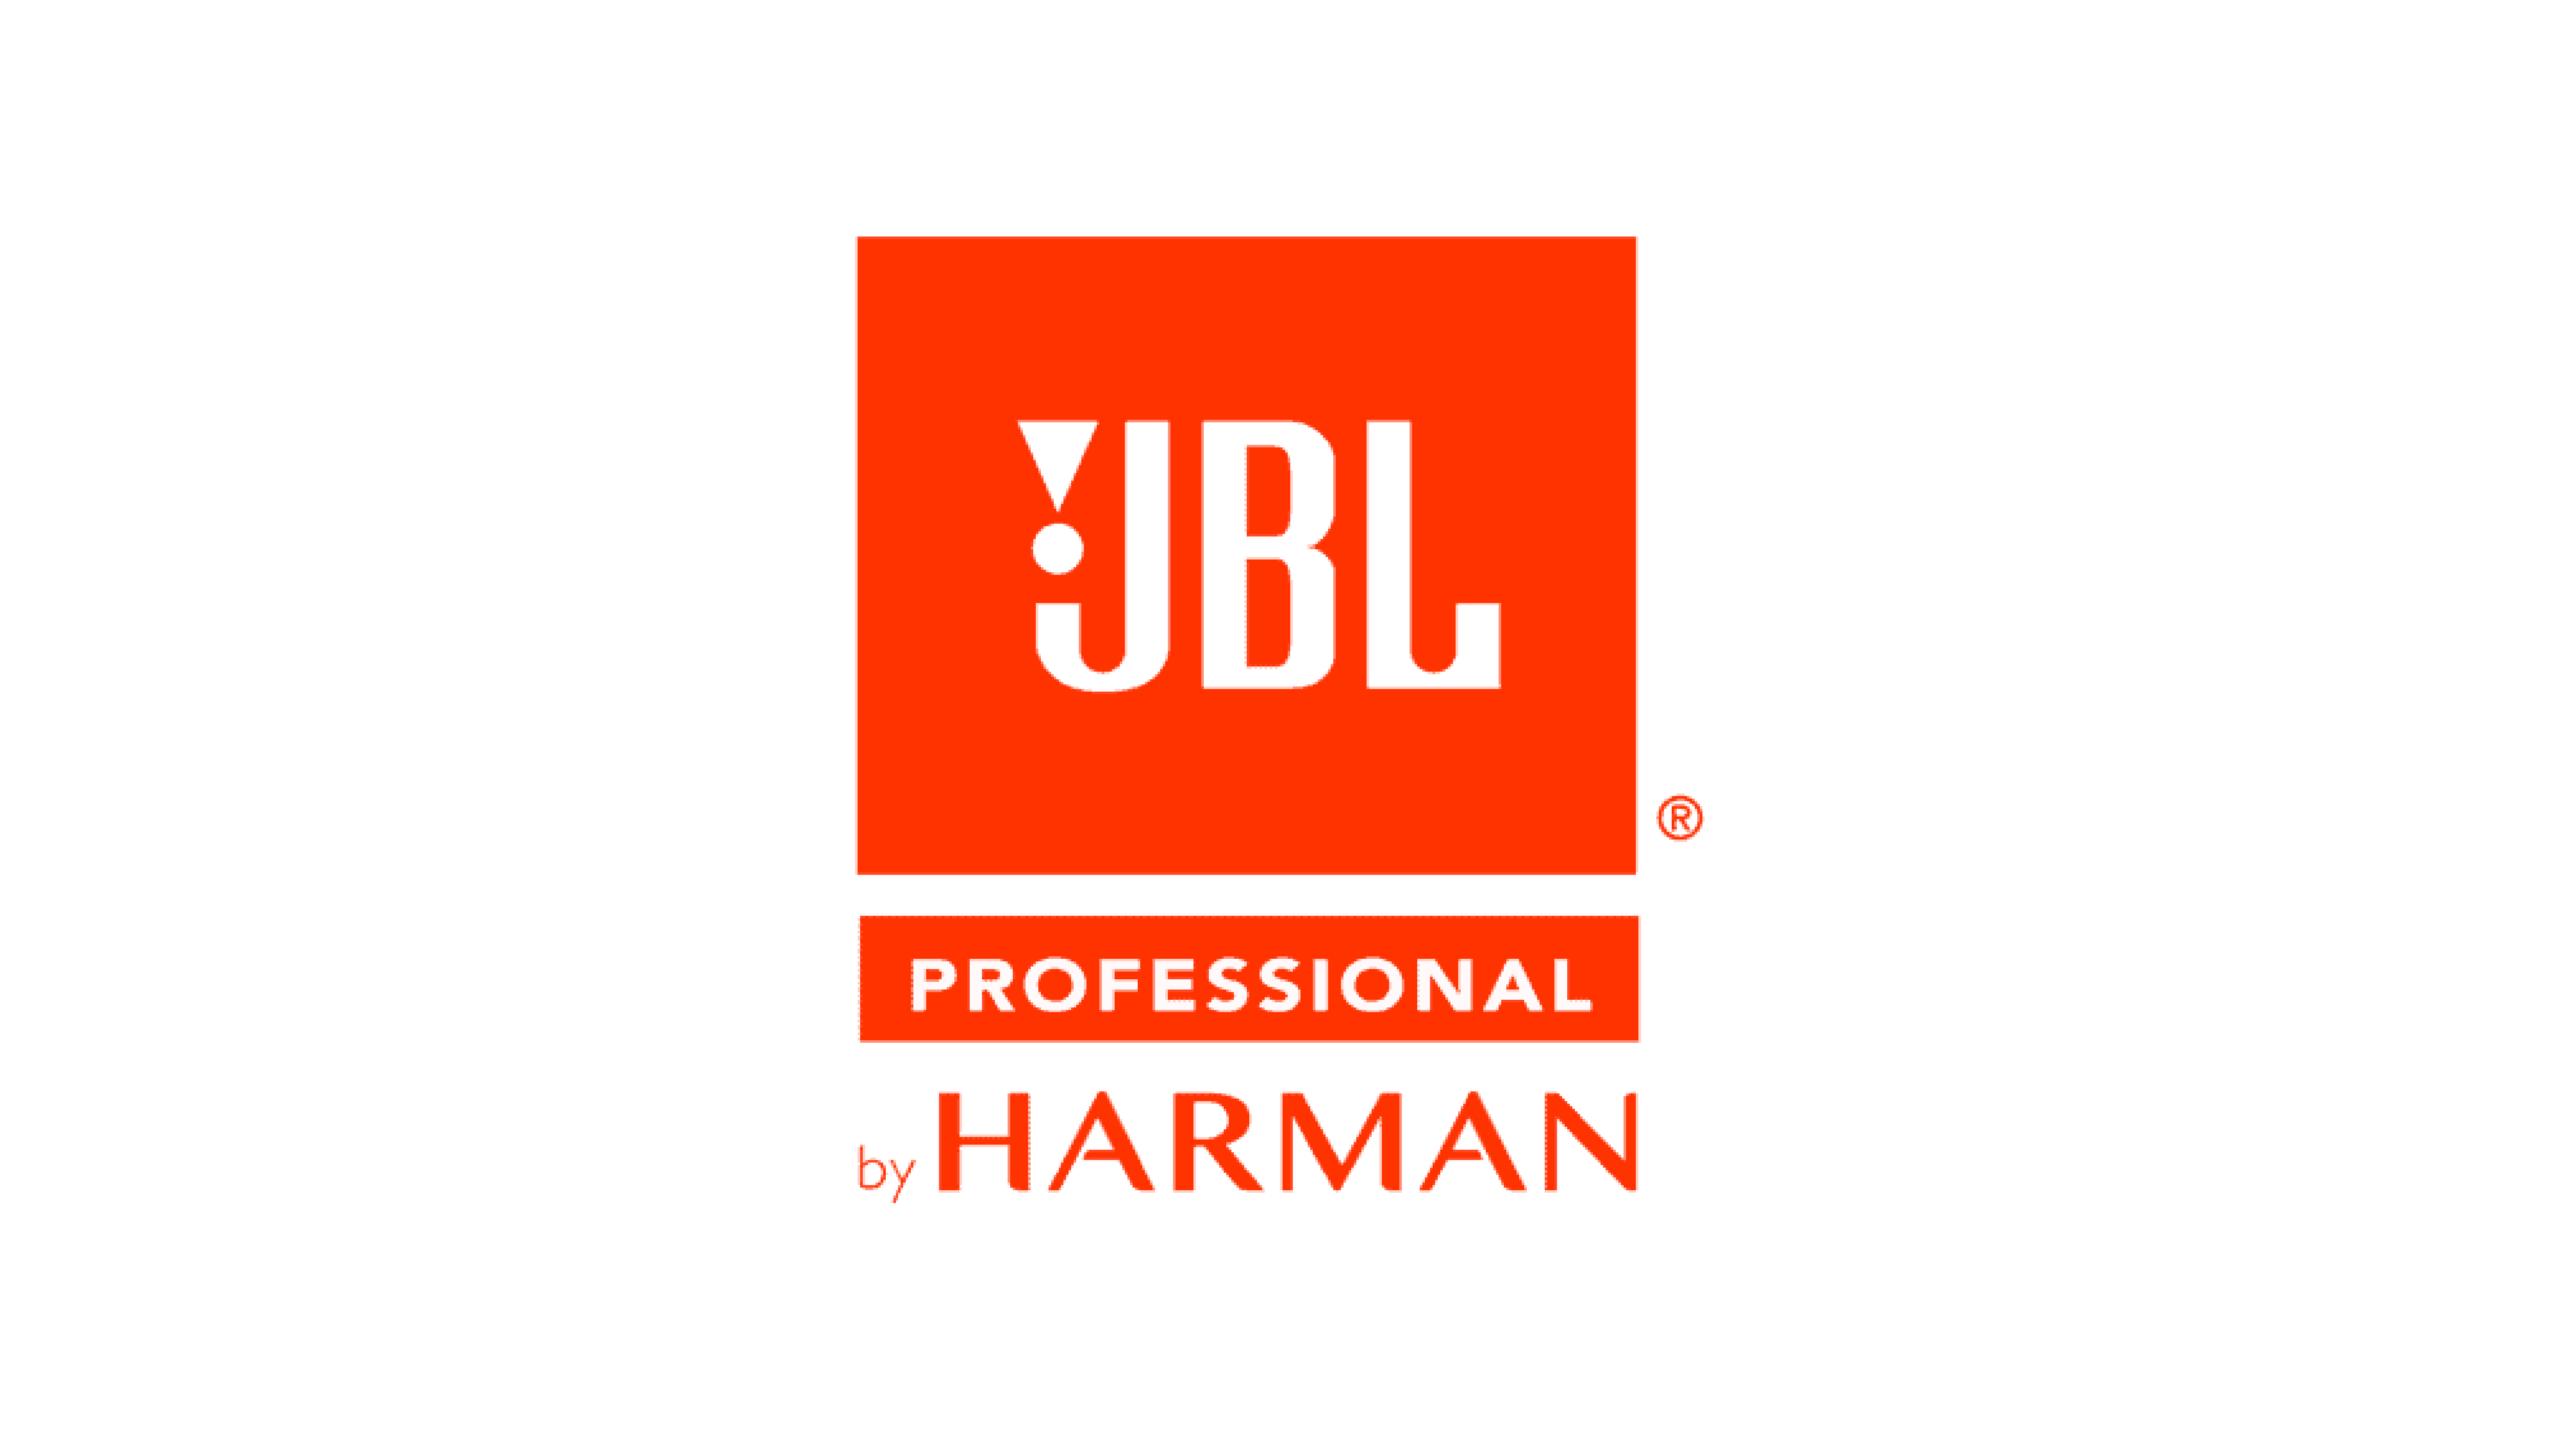 JBL pro Logo